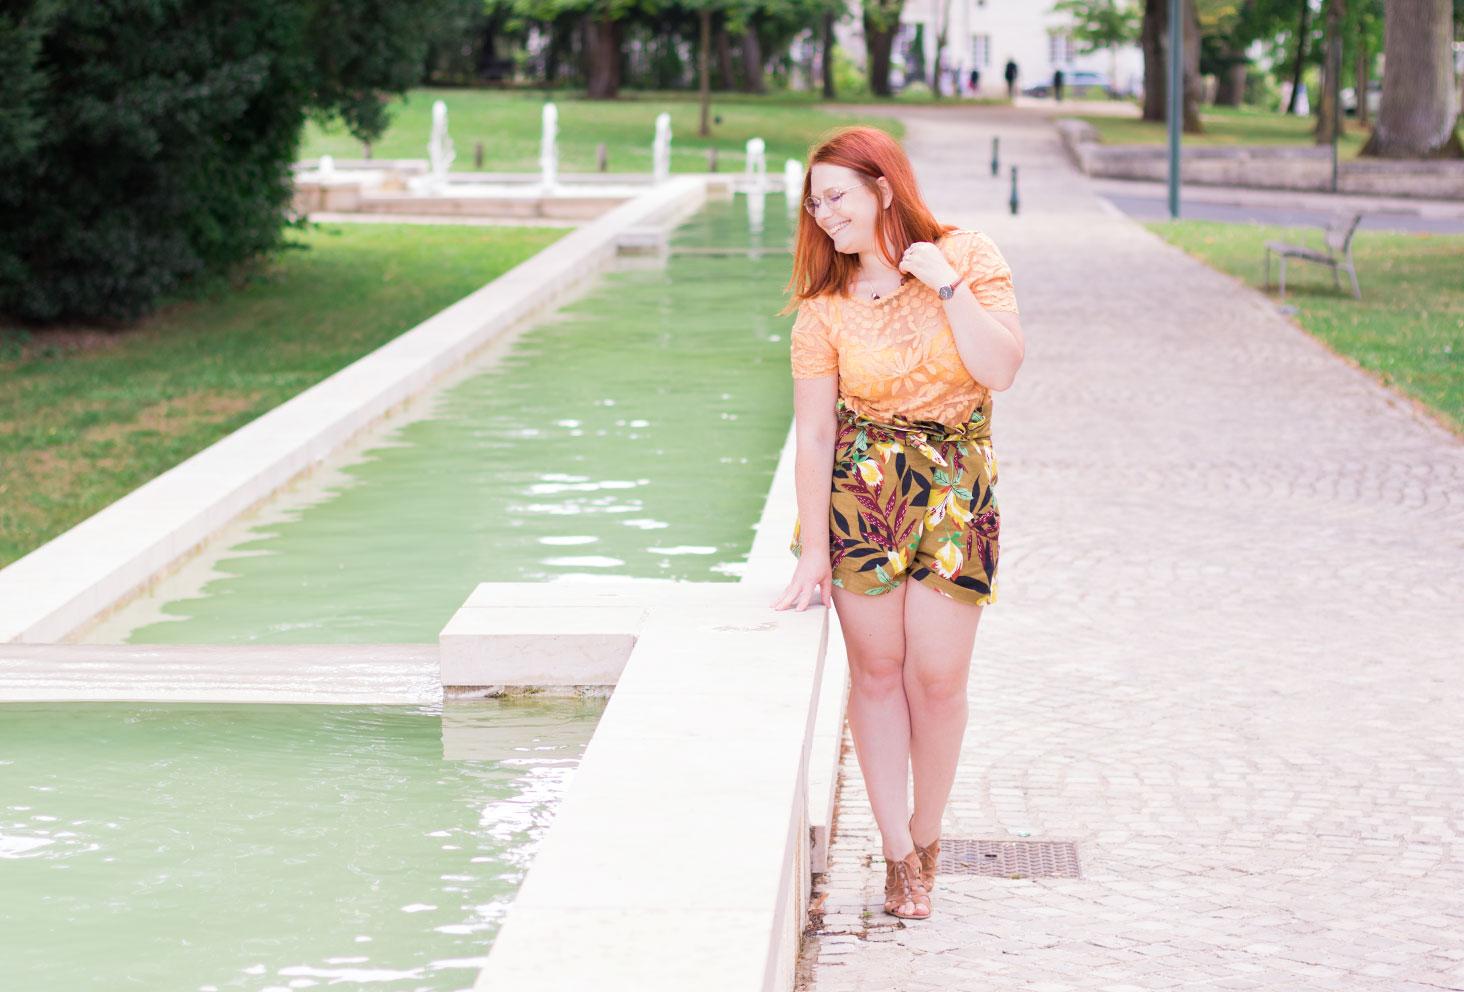 Appuyée sur le bord d'une fontaine en look Zara